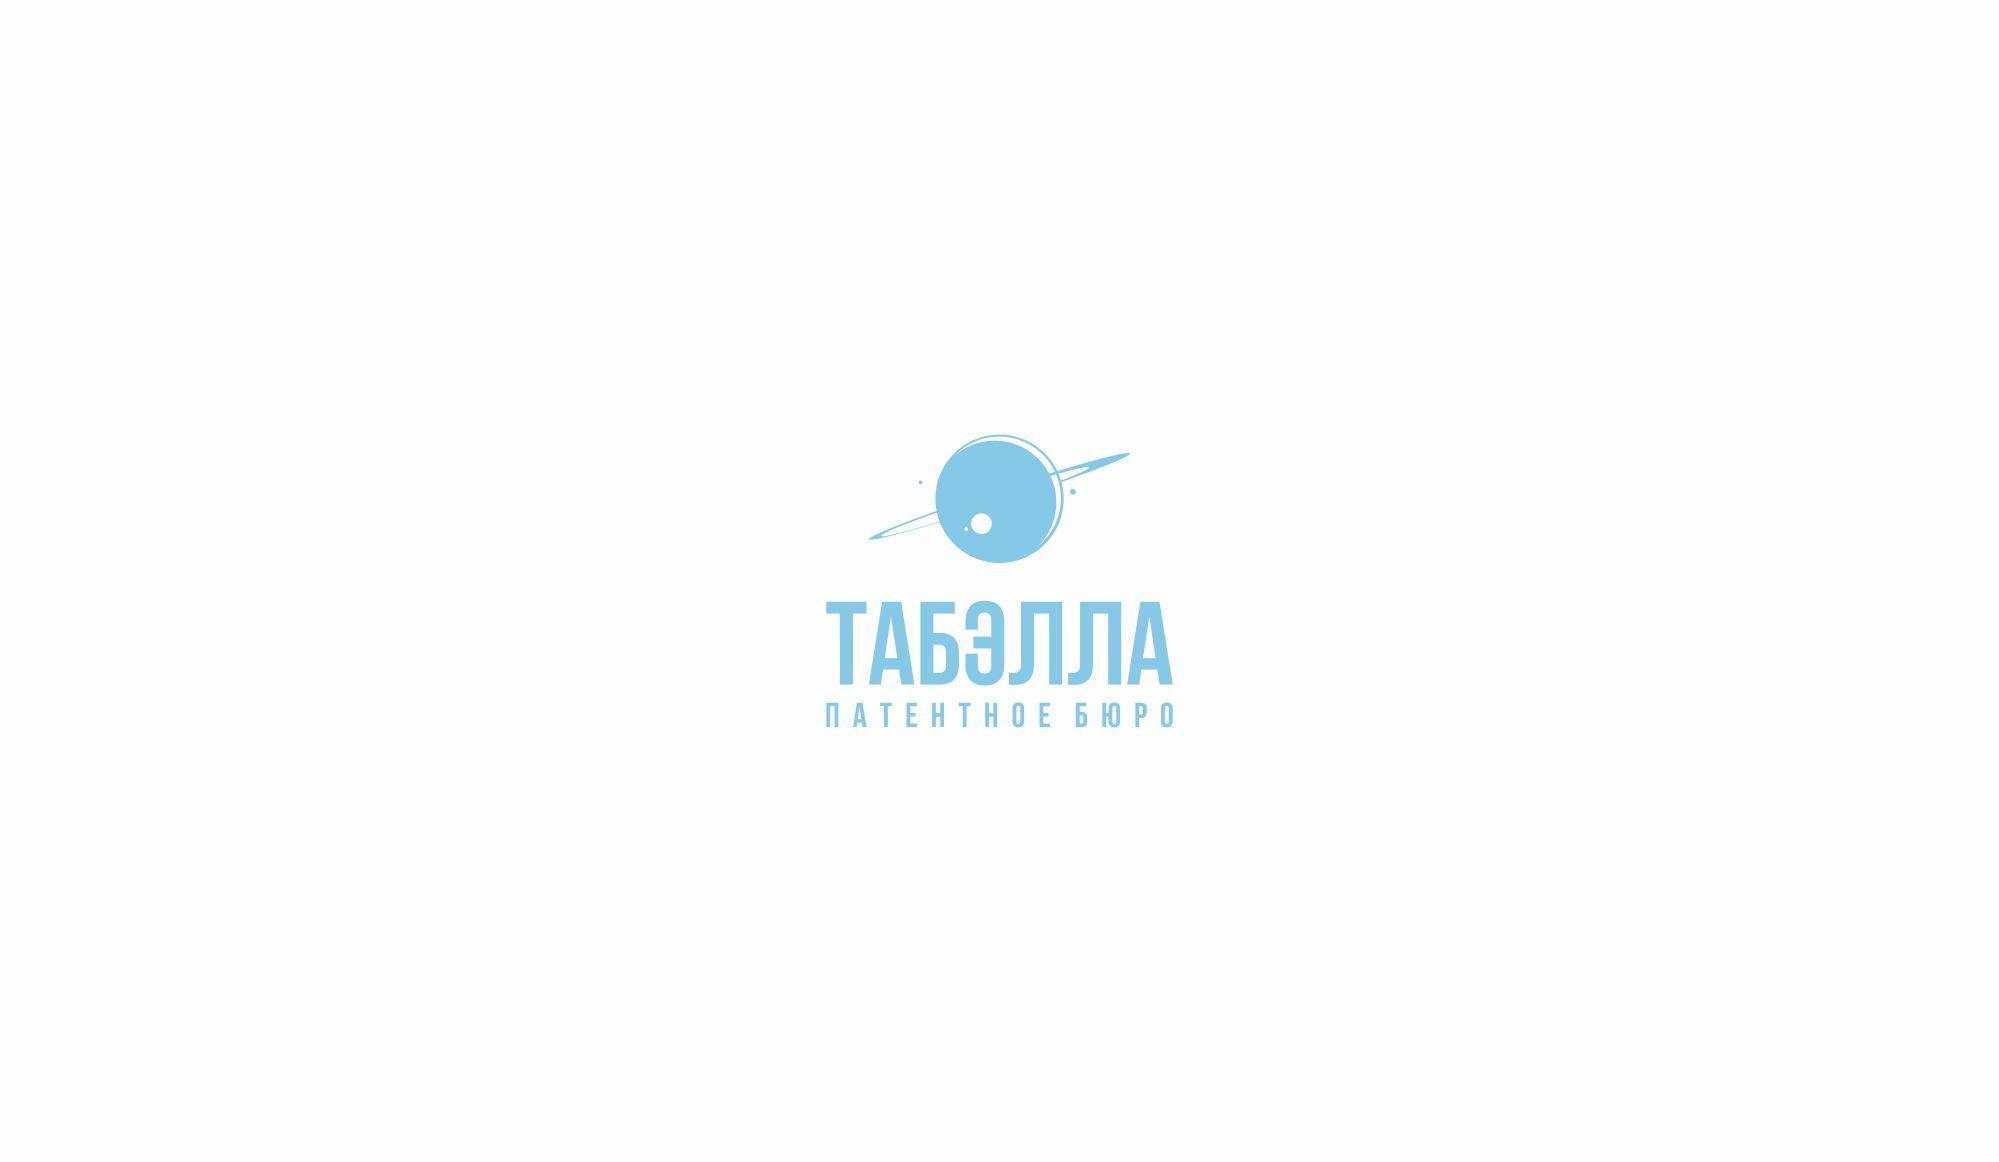 Сделать flat & simple логотип юридической компании - дизайнер dj_lindaive